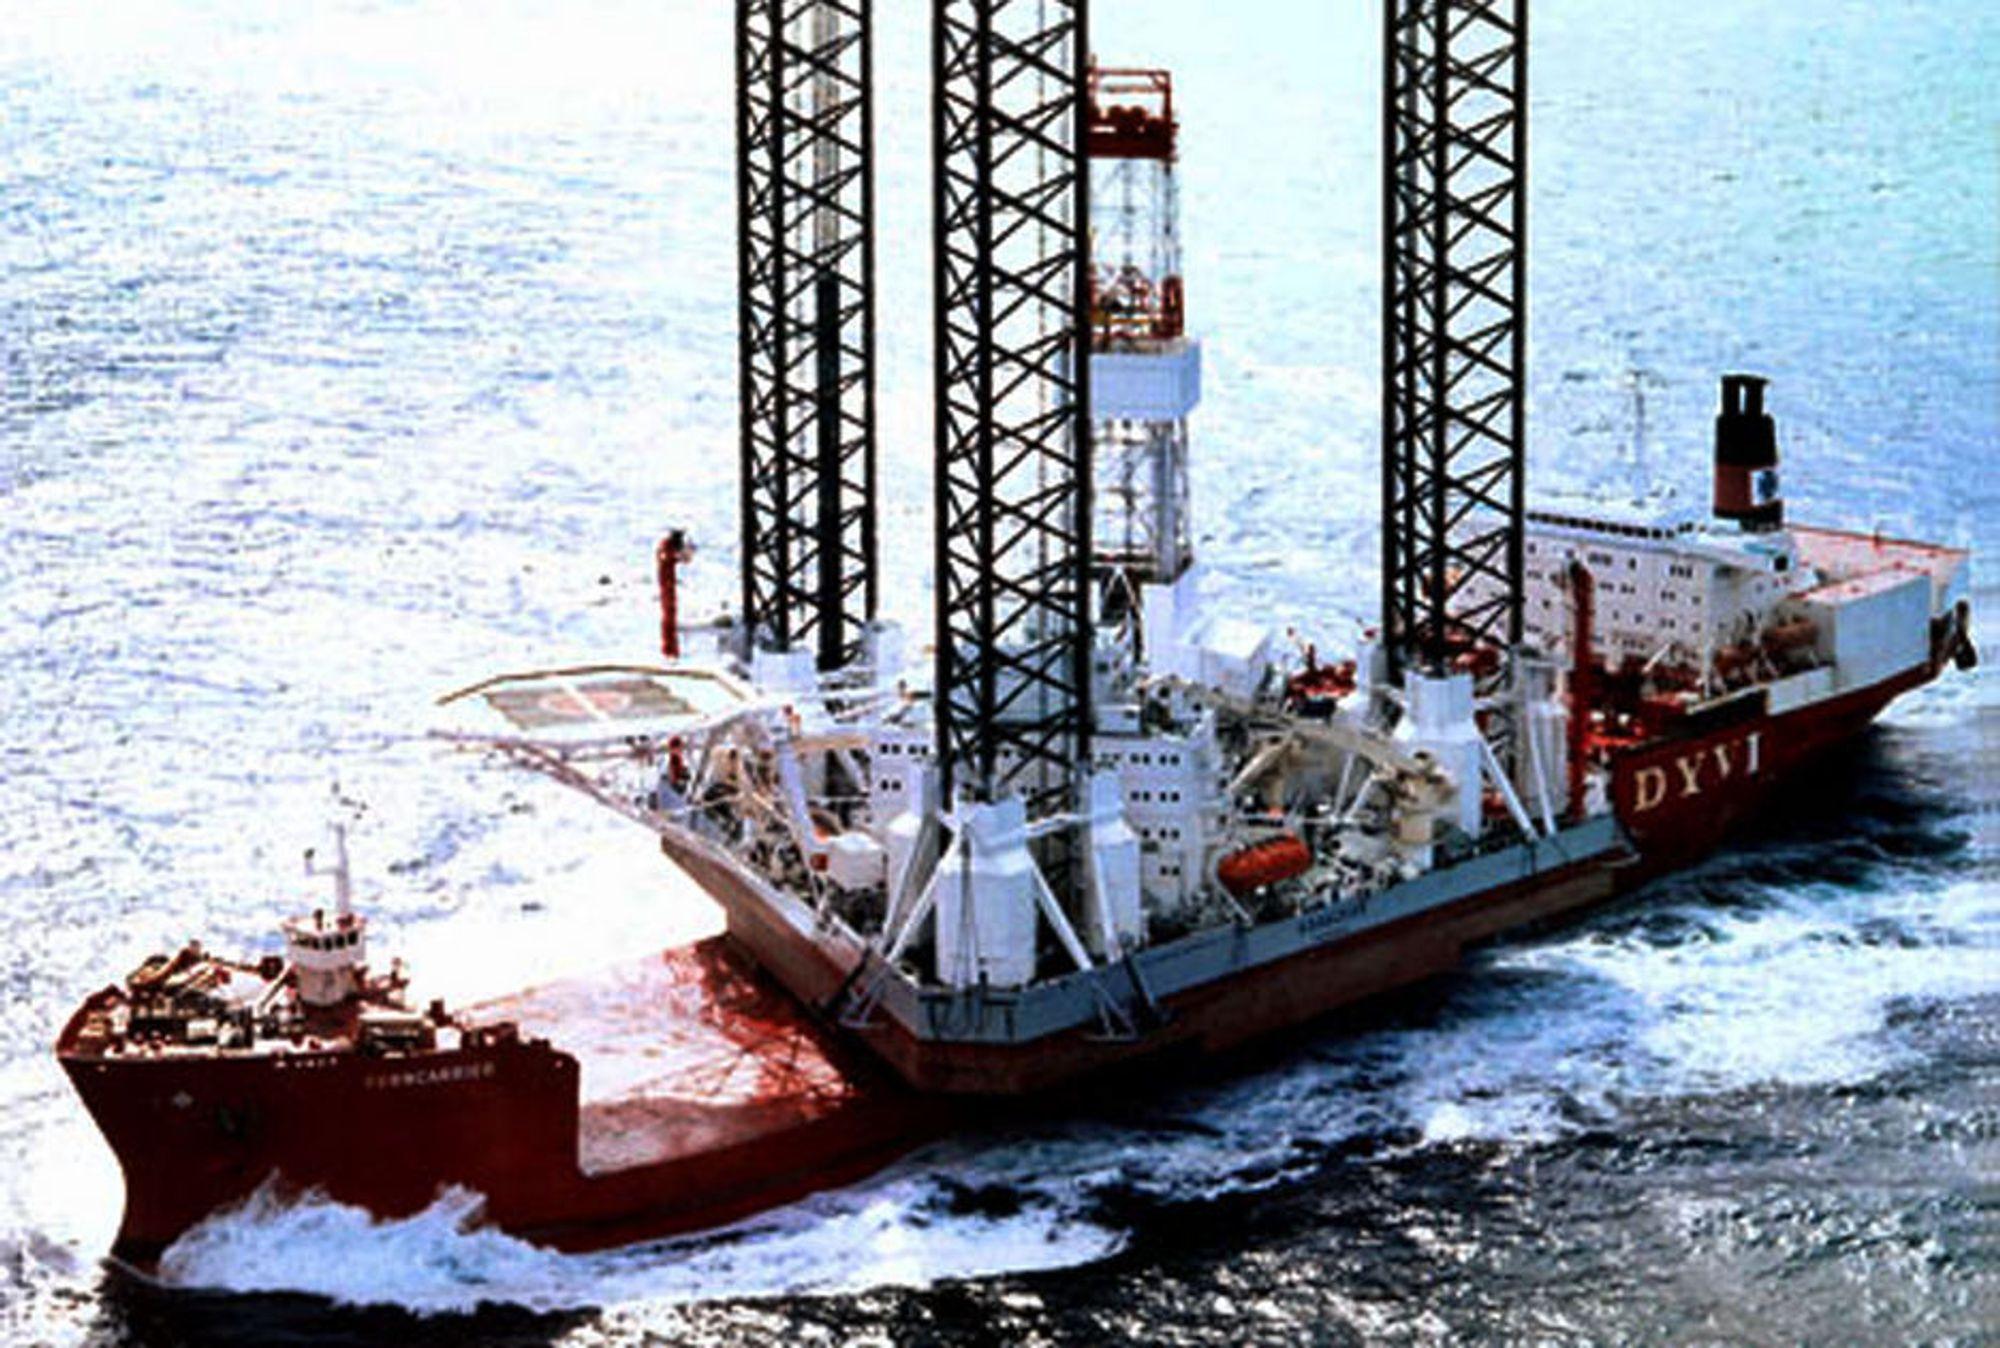 Minst fire døde og 49 er savnet etter at oljeriggen Kolskaya gikk rundt 18. desember 2011. Det var sterk vind og minus 17 grader da ulykken skjedde.